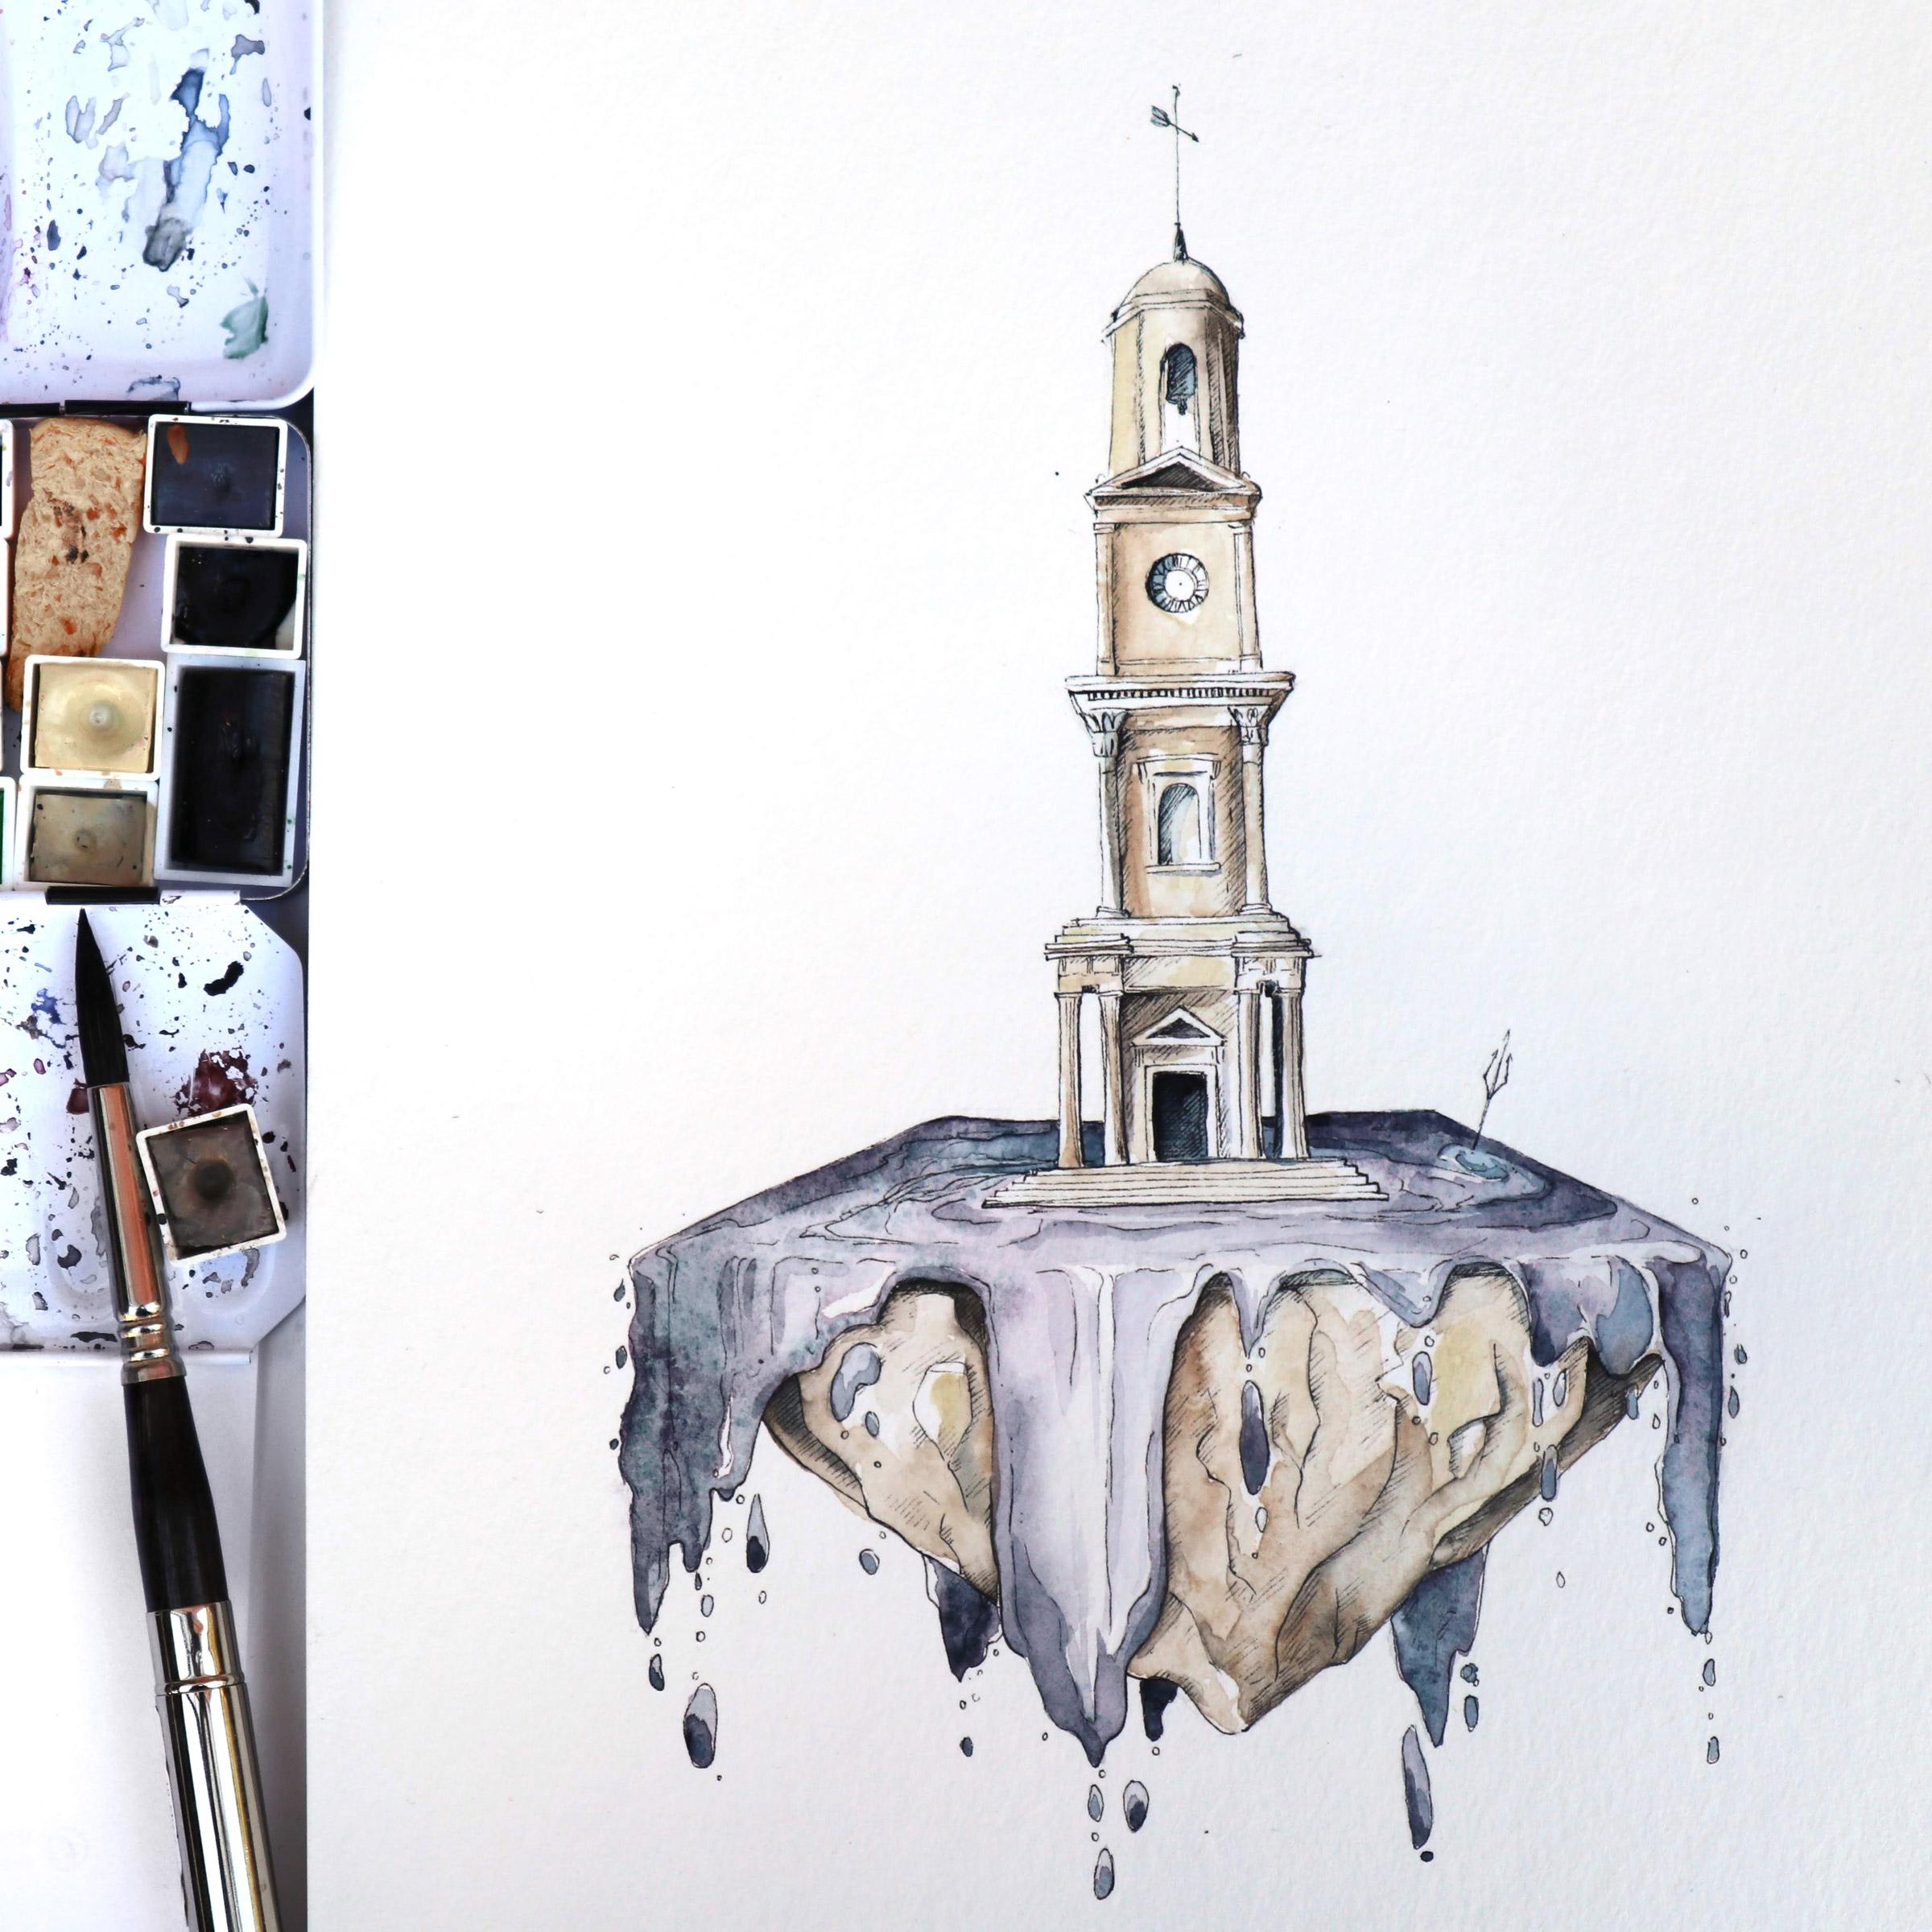 Der Herne Bay Clock Tower als Mittelpunkt einer eigenen kleinen Welt aus Moonglow.